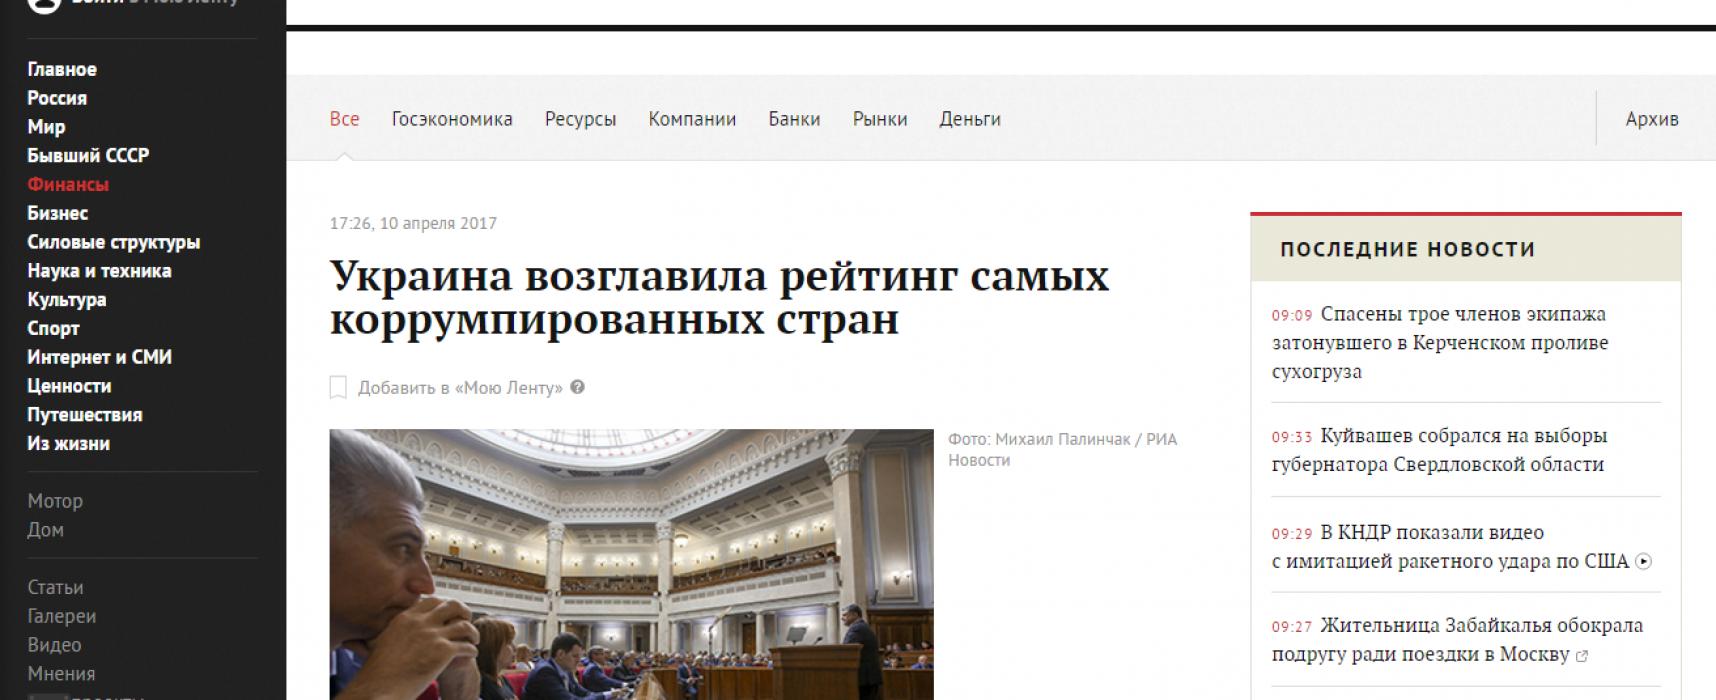 Fake: L'Ukraine s'est en tête du classement des pays les plus corrompus